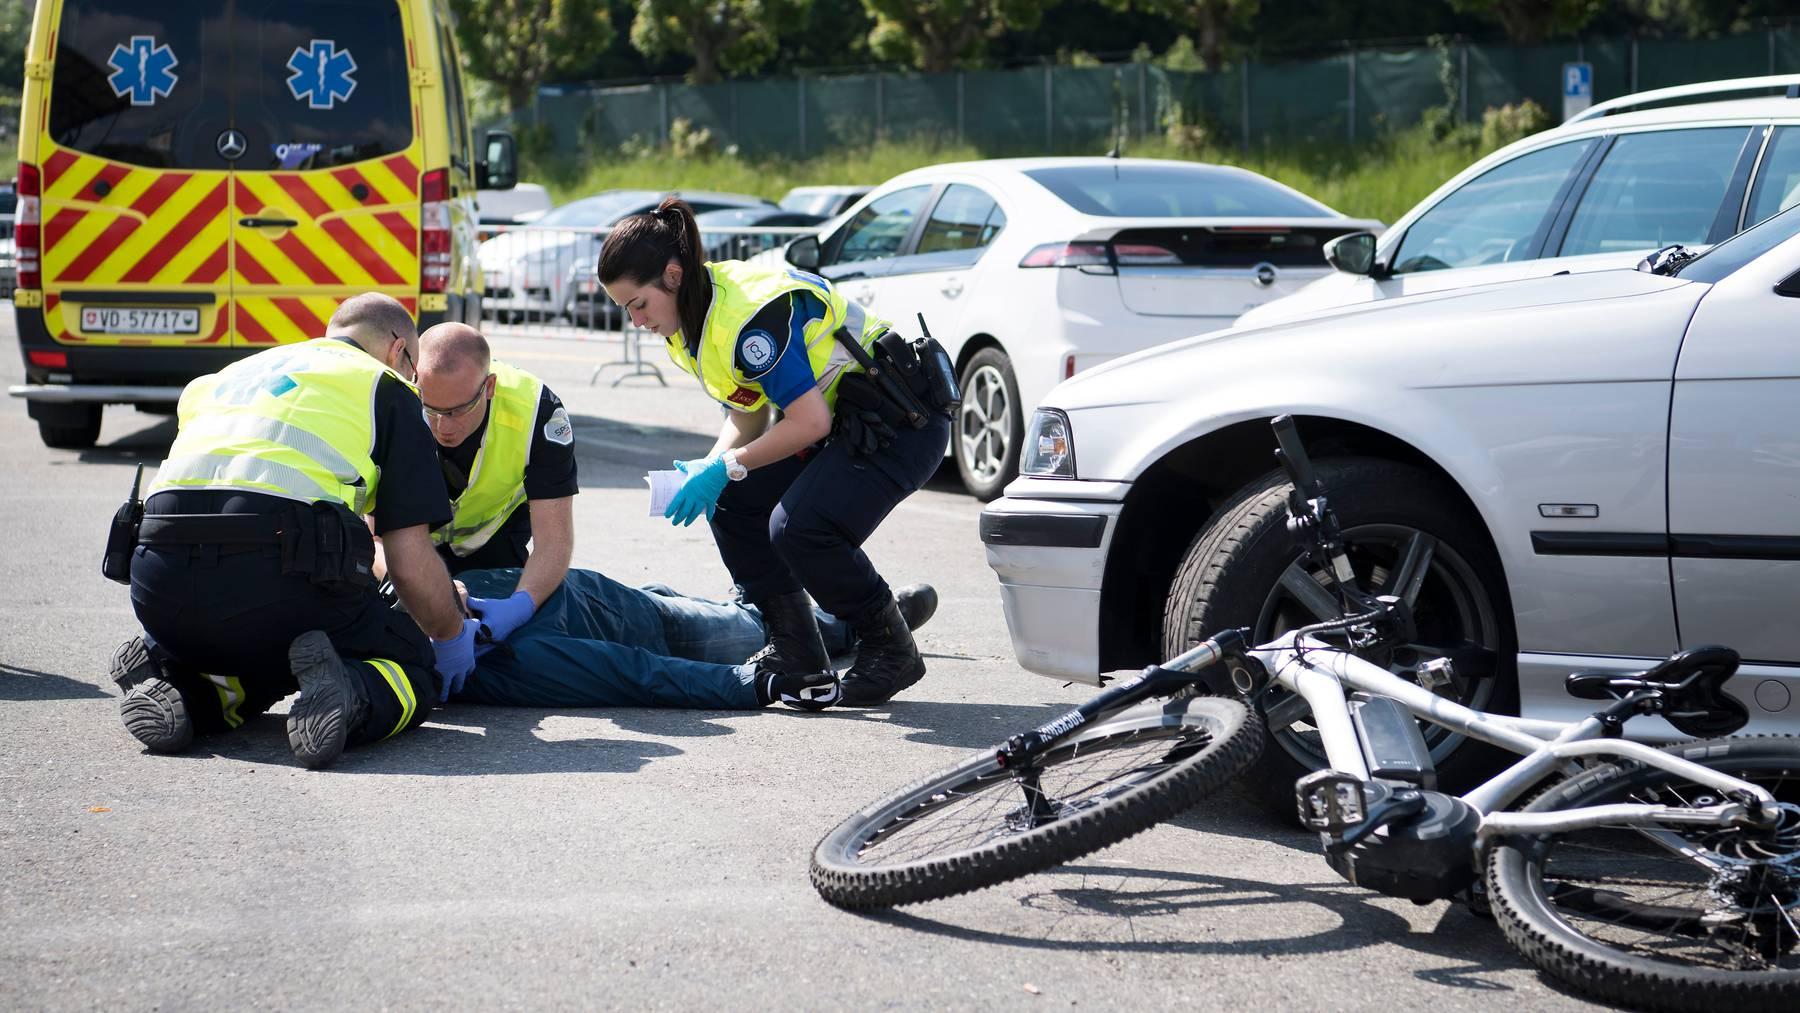 Die Zahl der schweren Unfälle bei E-Bike-Fahrern ist im Vergleich zum Vorjahr gestiegen. (Symbolbild)